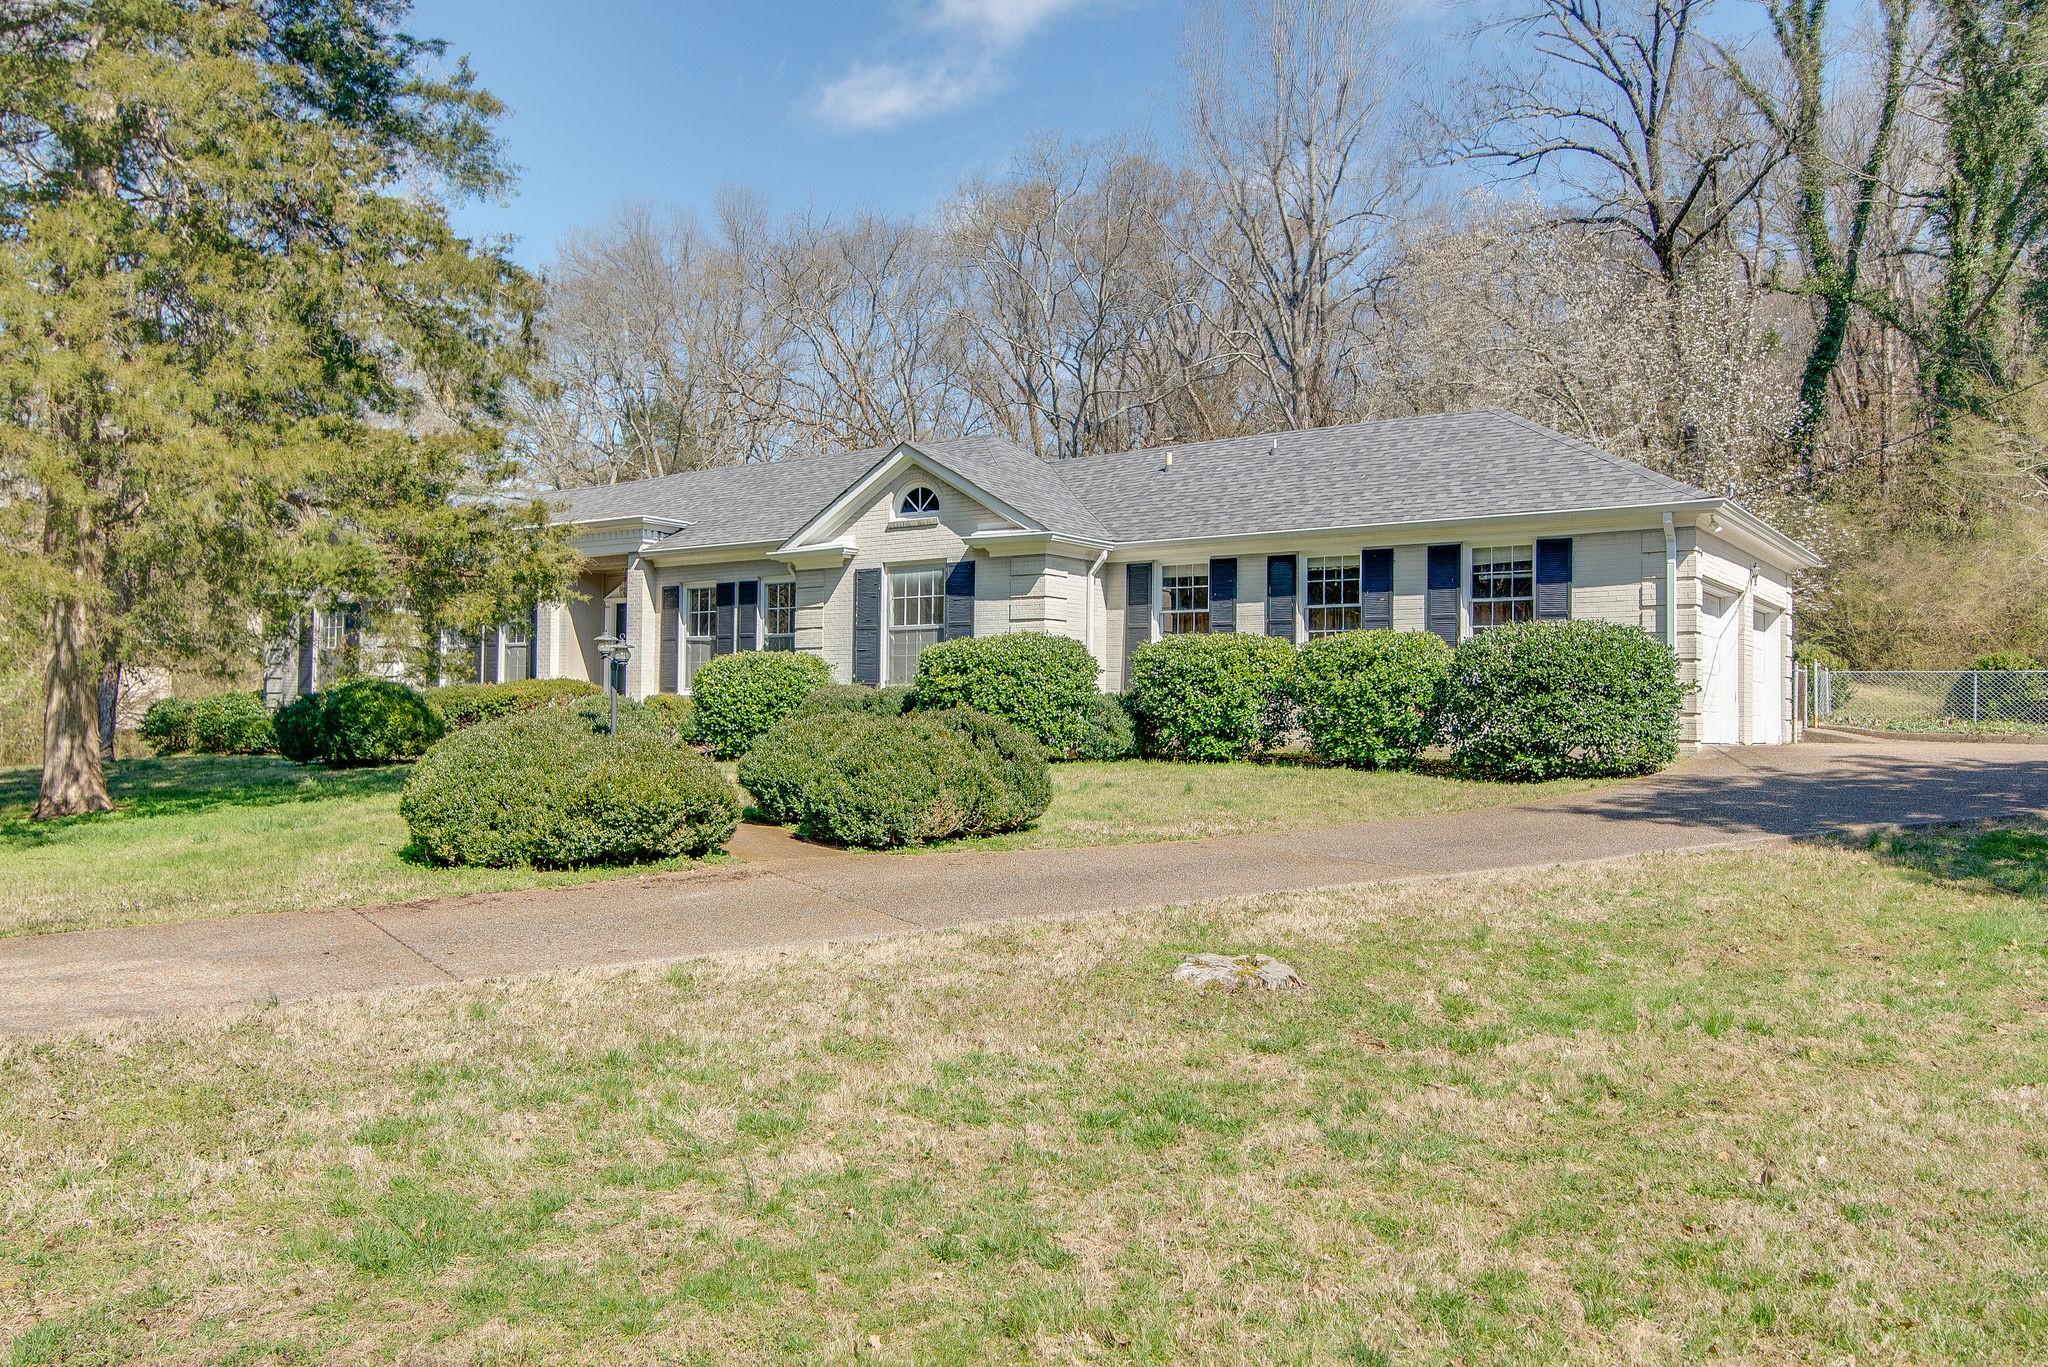 1808 Kingsbury Dr, Nashville, TN 37215 - Nashville, TN real estate listing